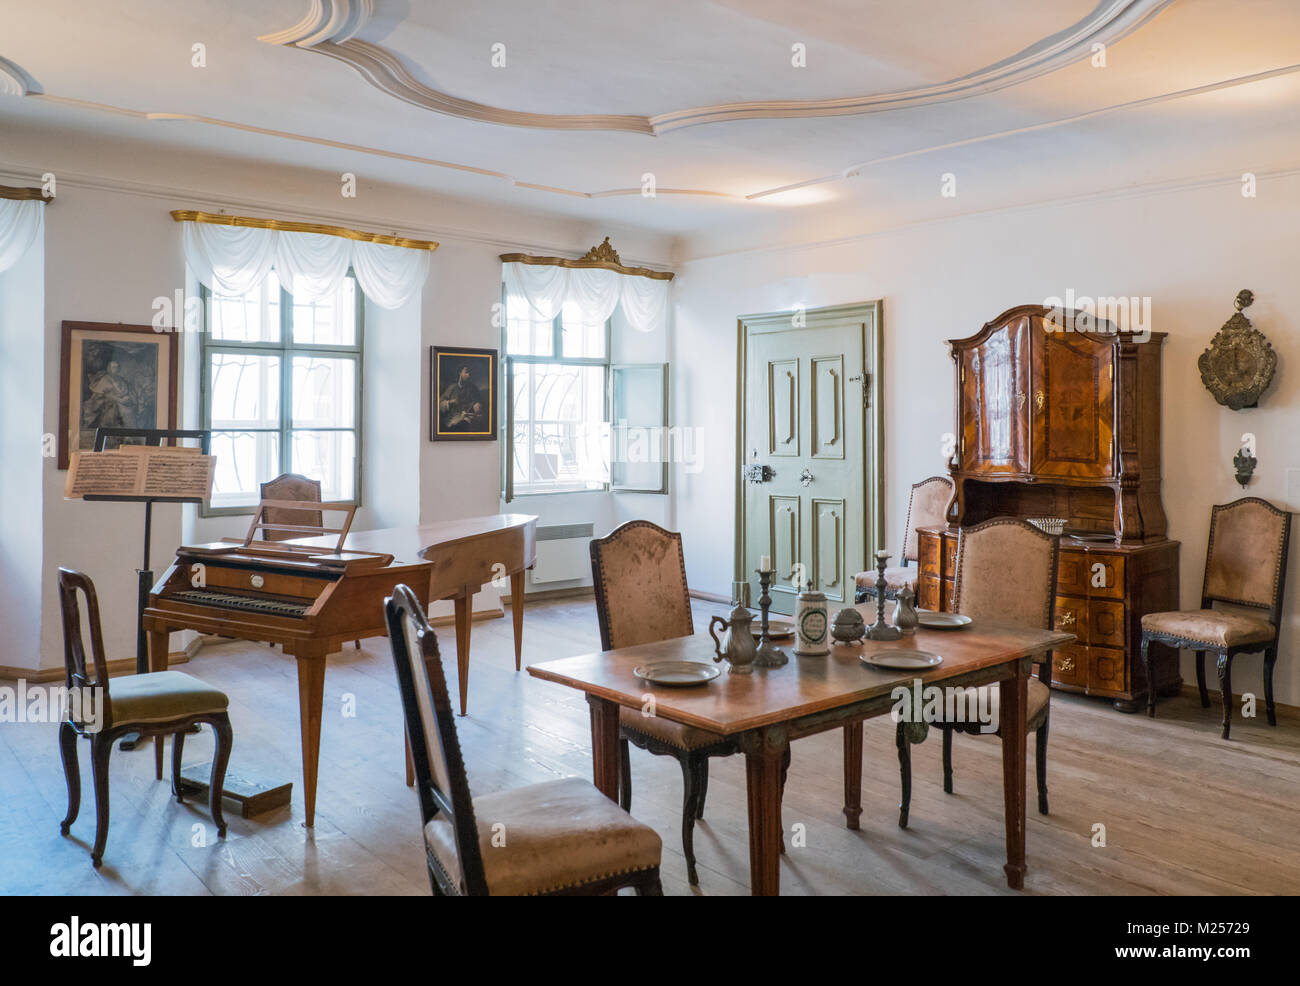 österreich Salzburg Antiken Möbeln Und Einem Alten Cembalo In Der